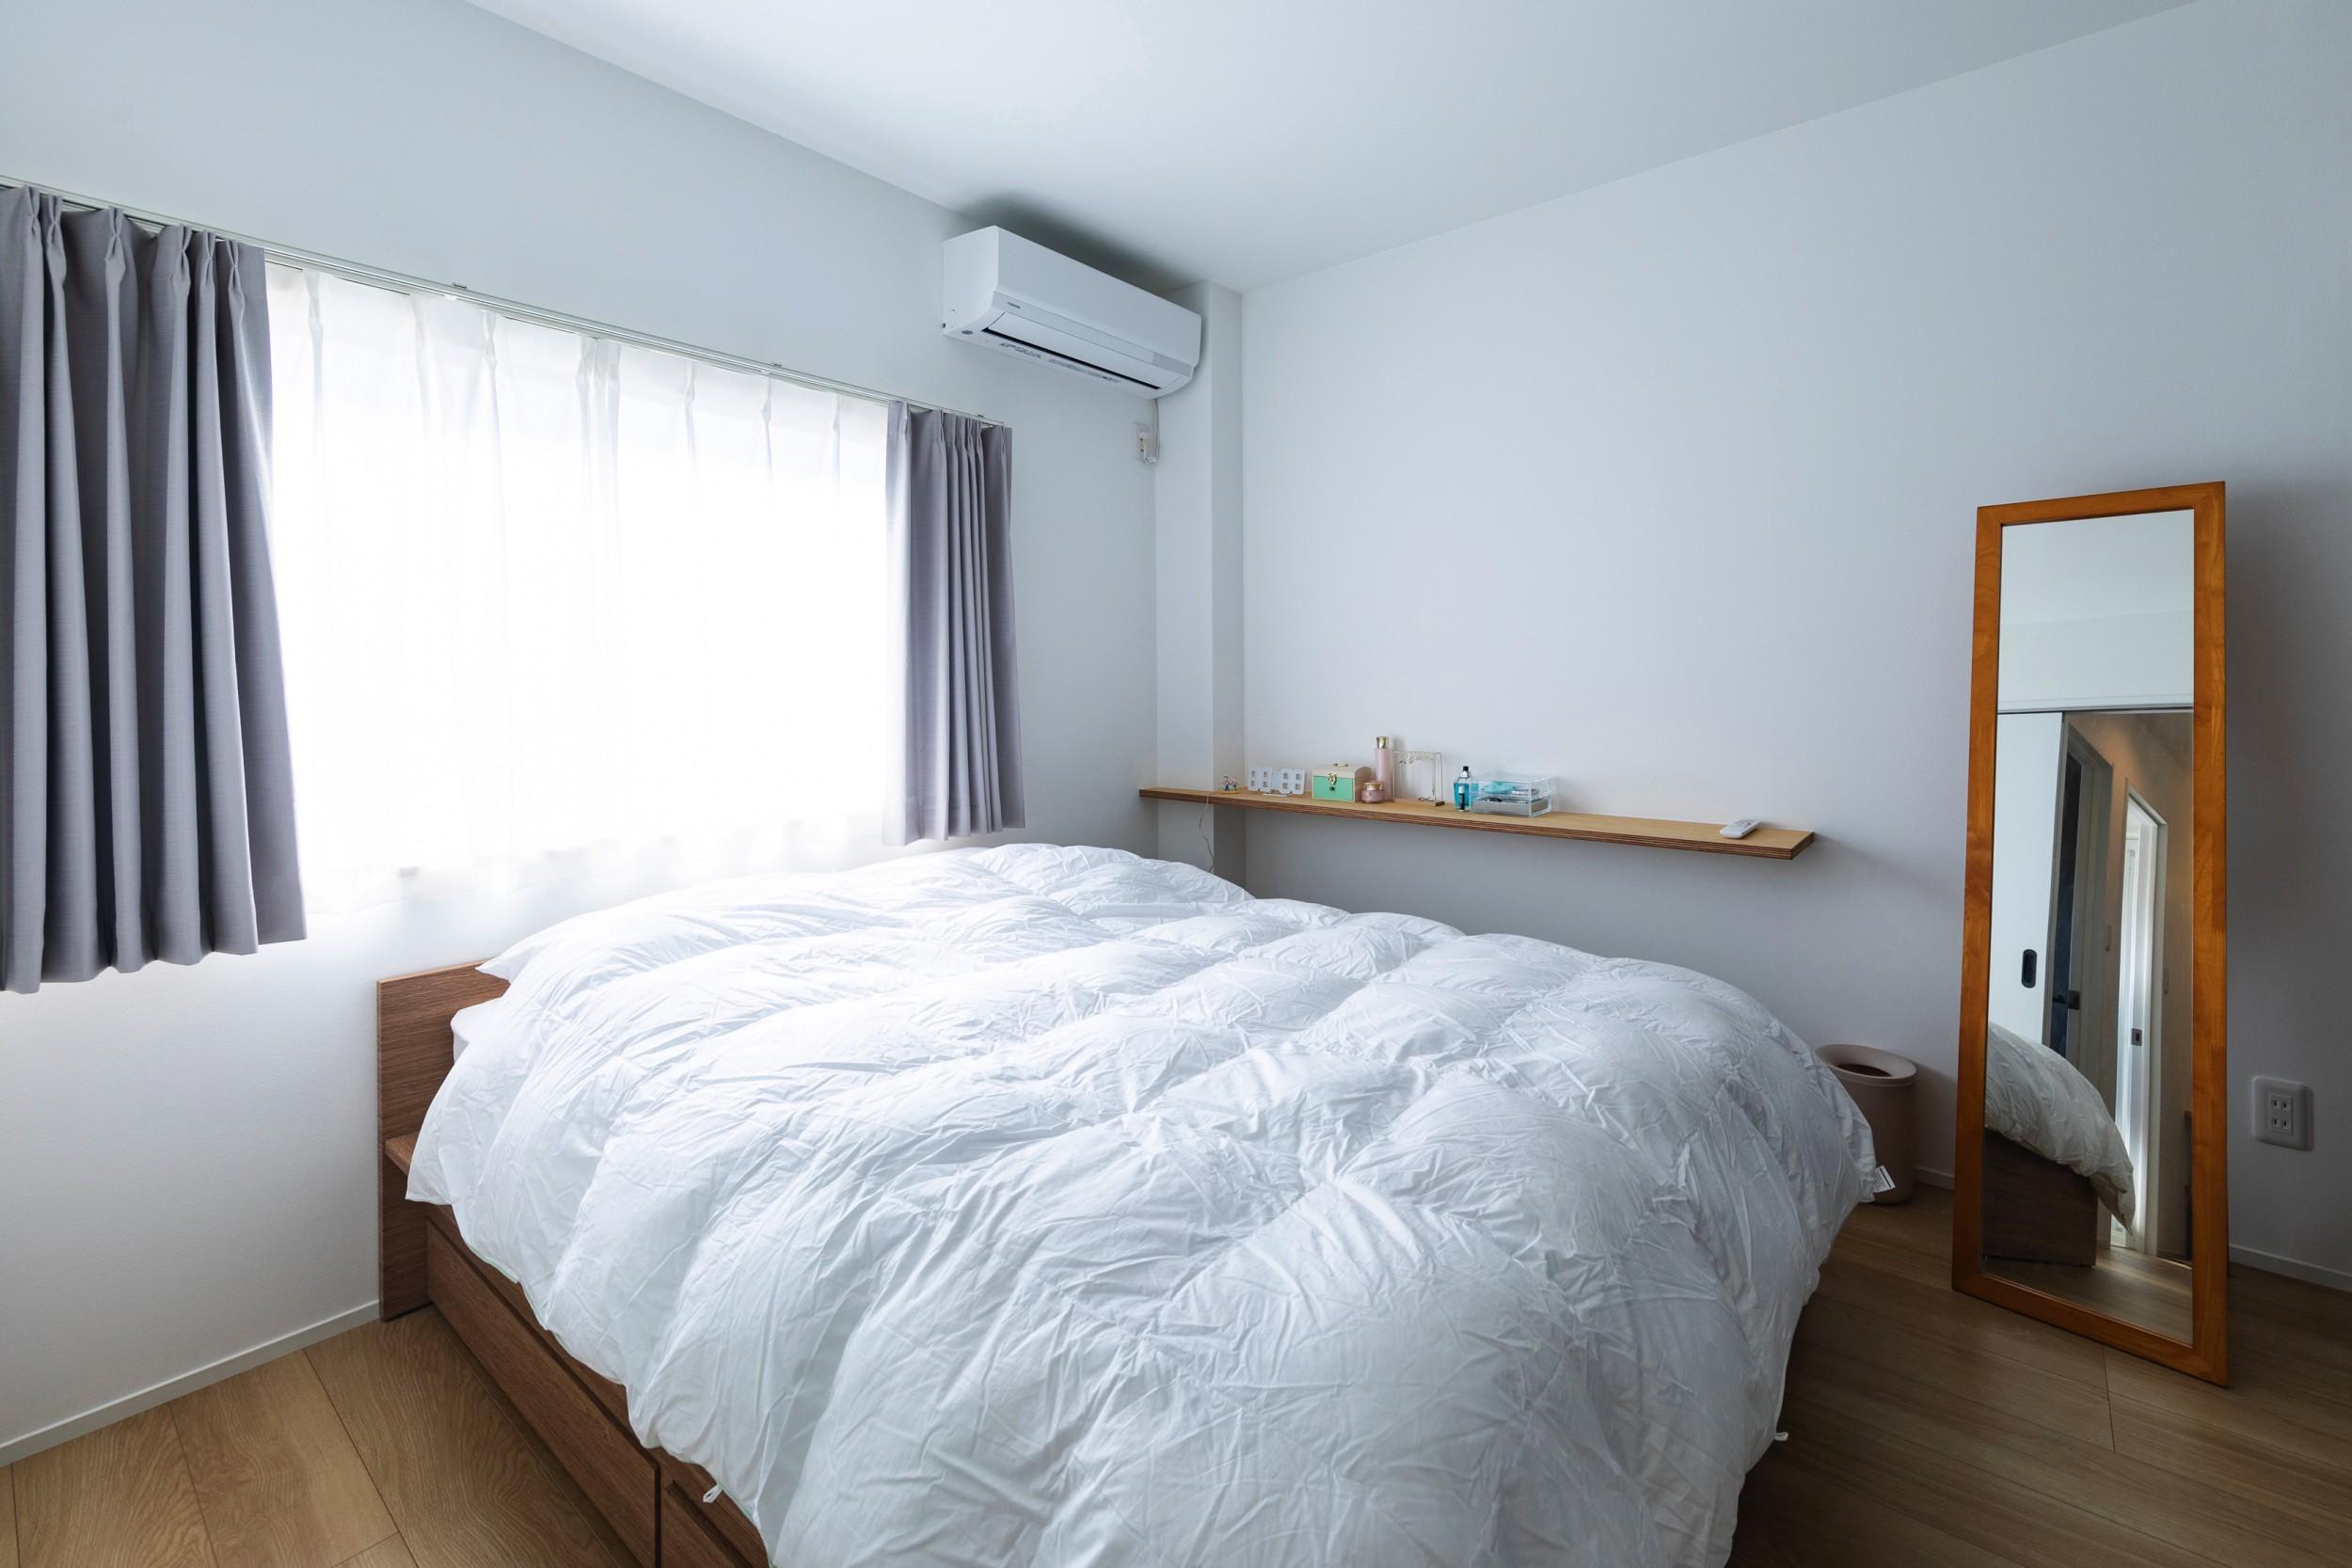 大垣市の賃貸リノベーション・リフォーム事例の寝室